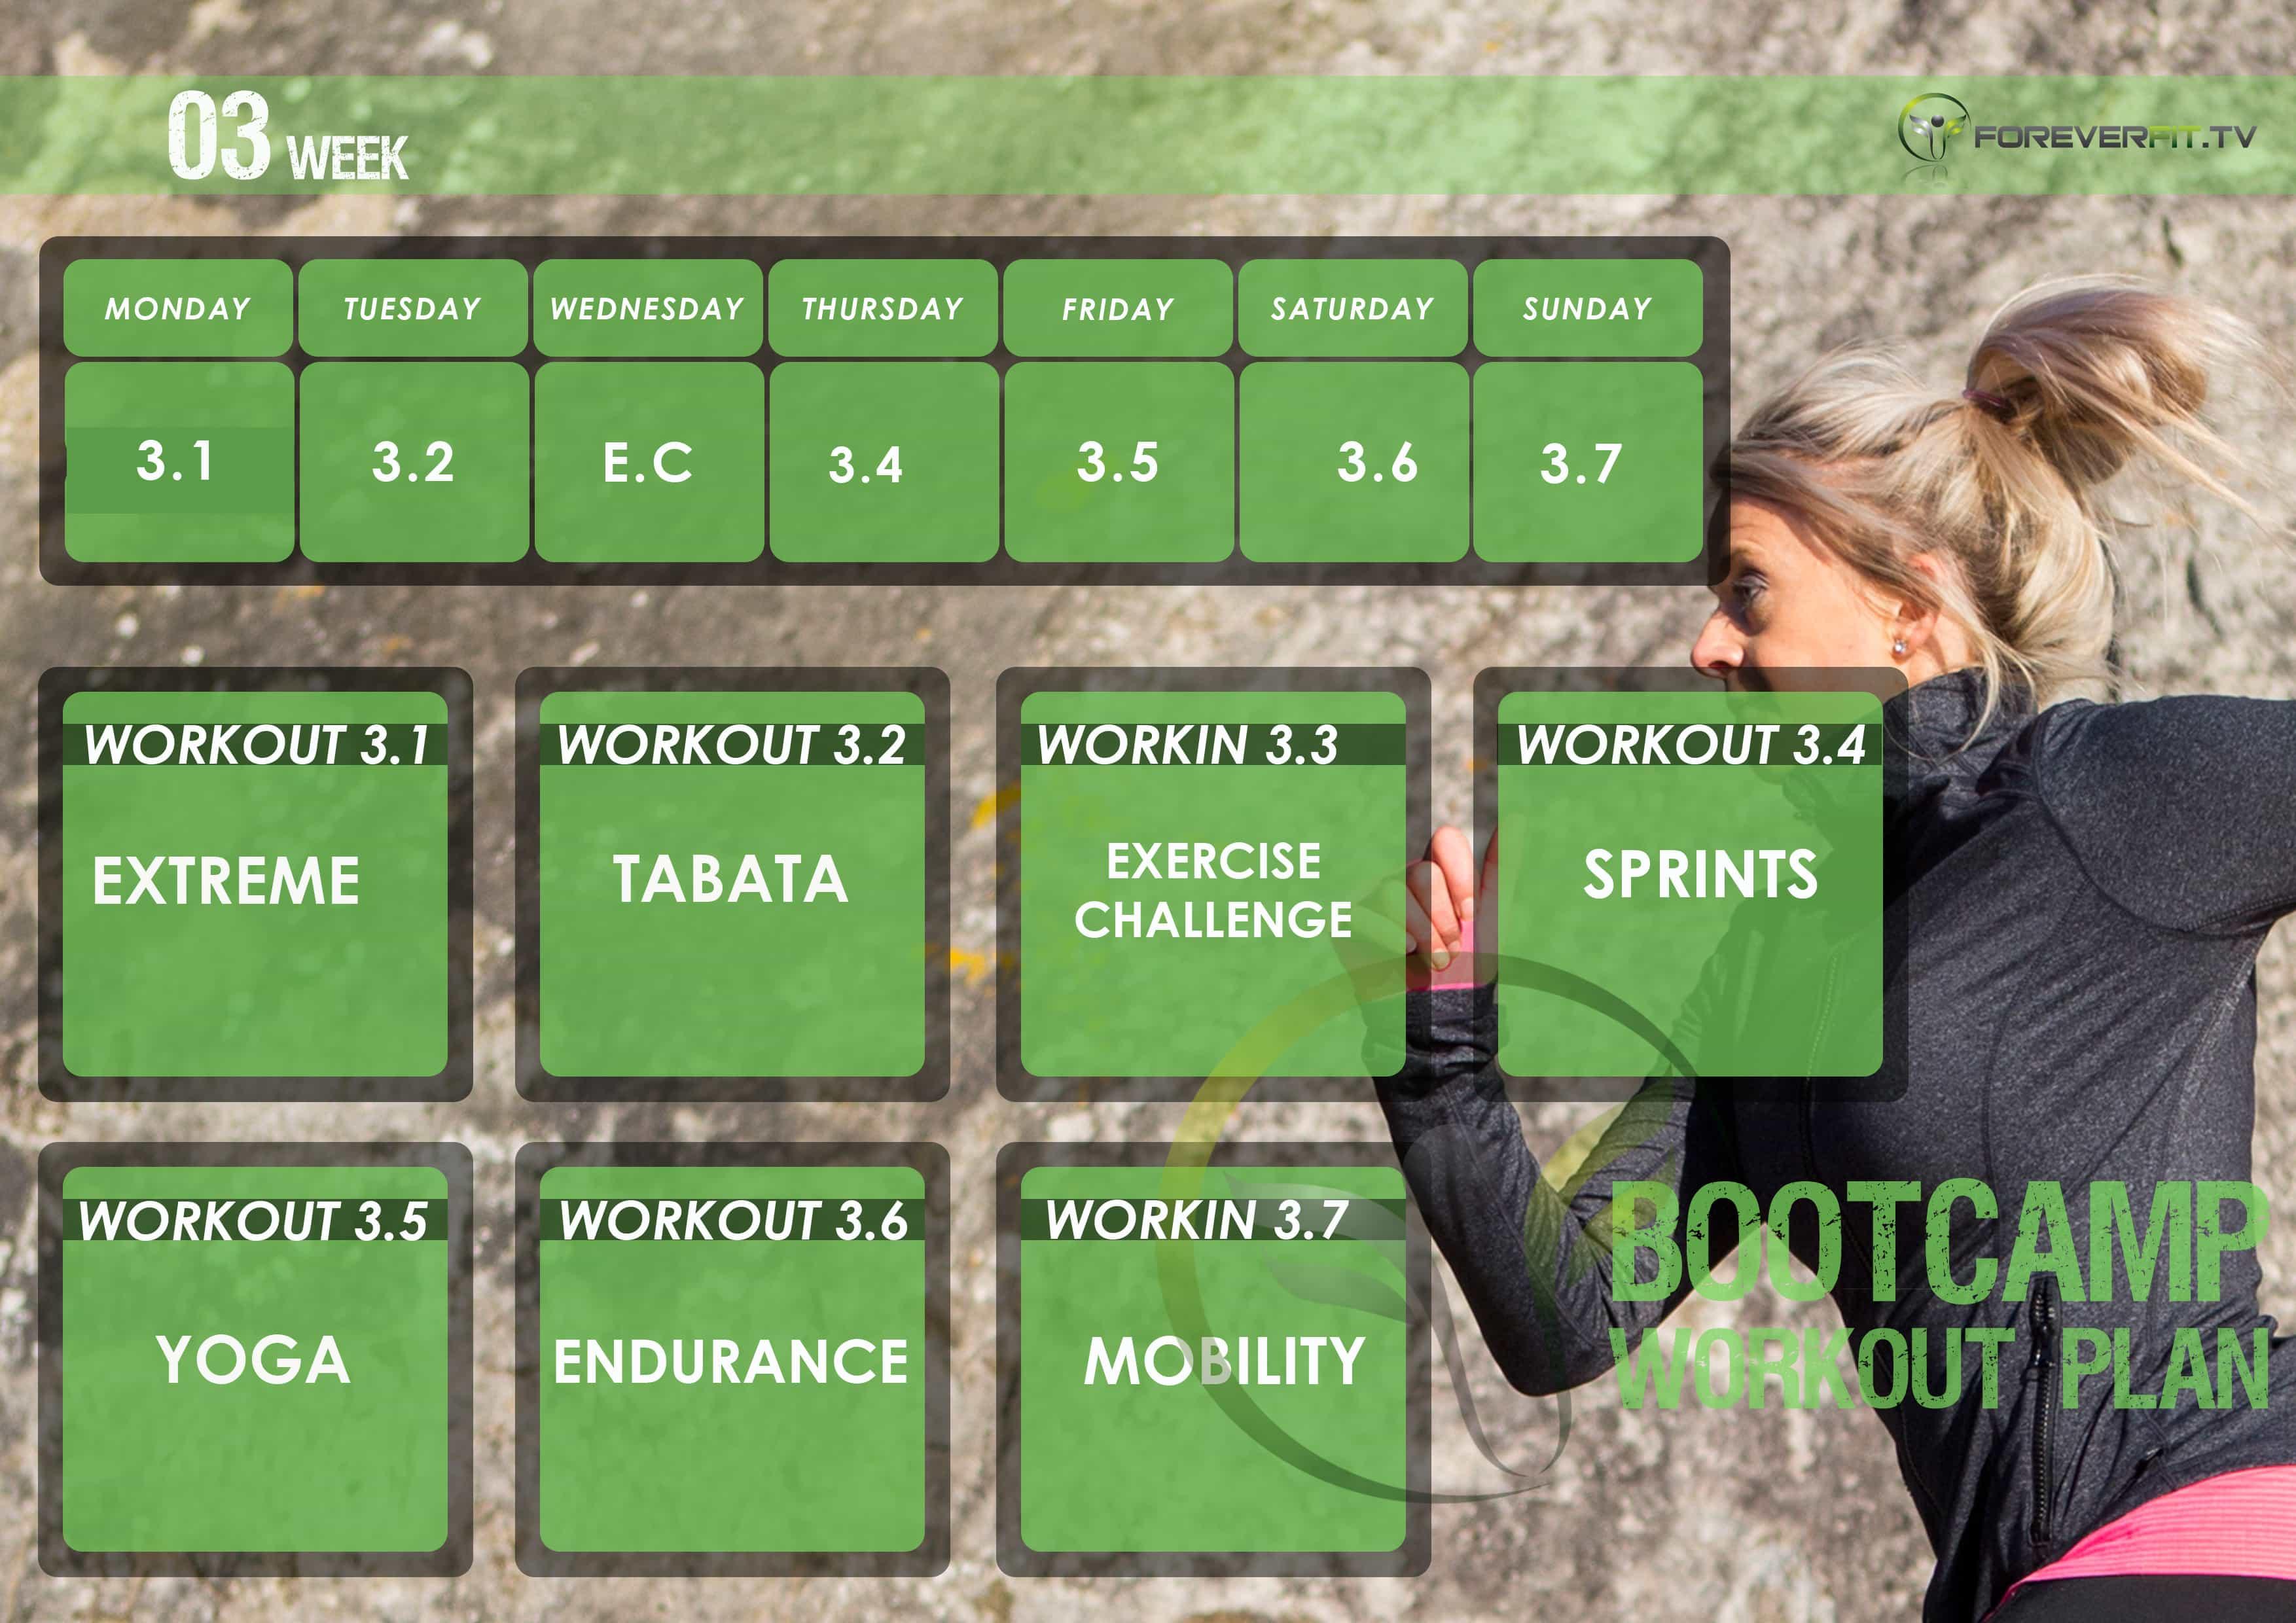 workout plan week 3